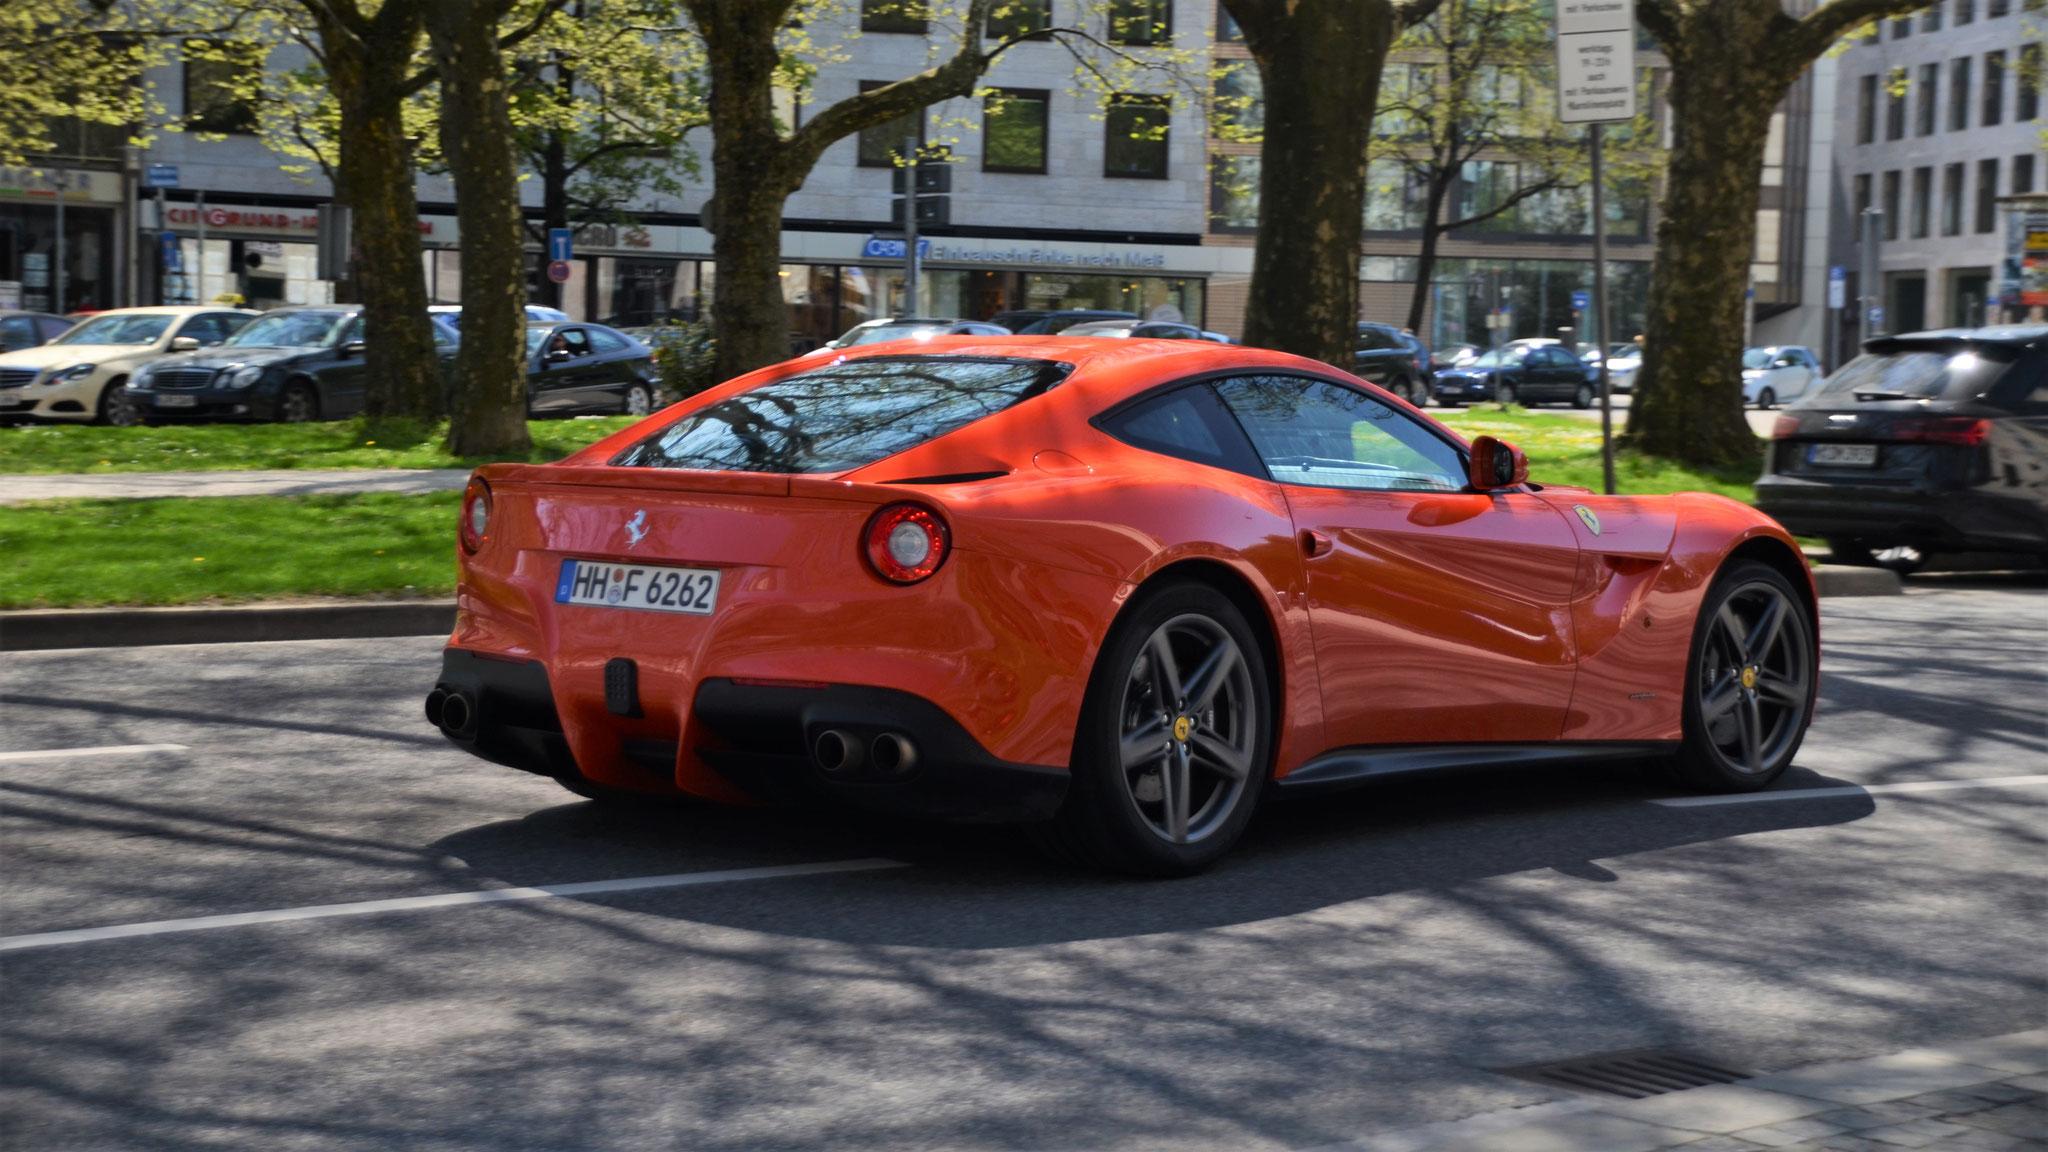 Ferrari F12 Berlinetta - HH-F-6262